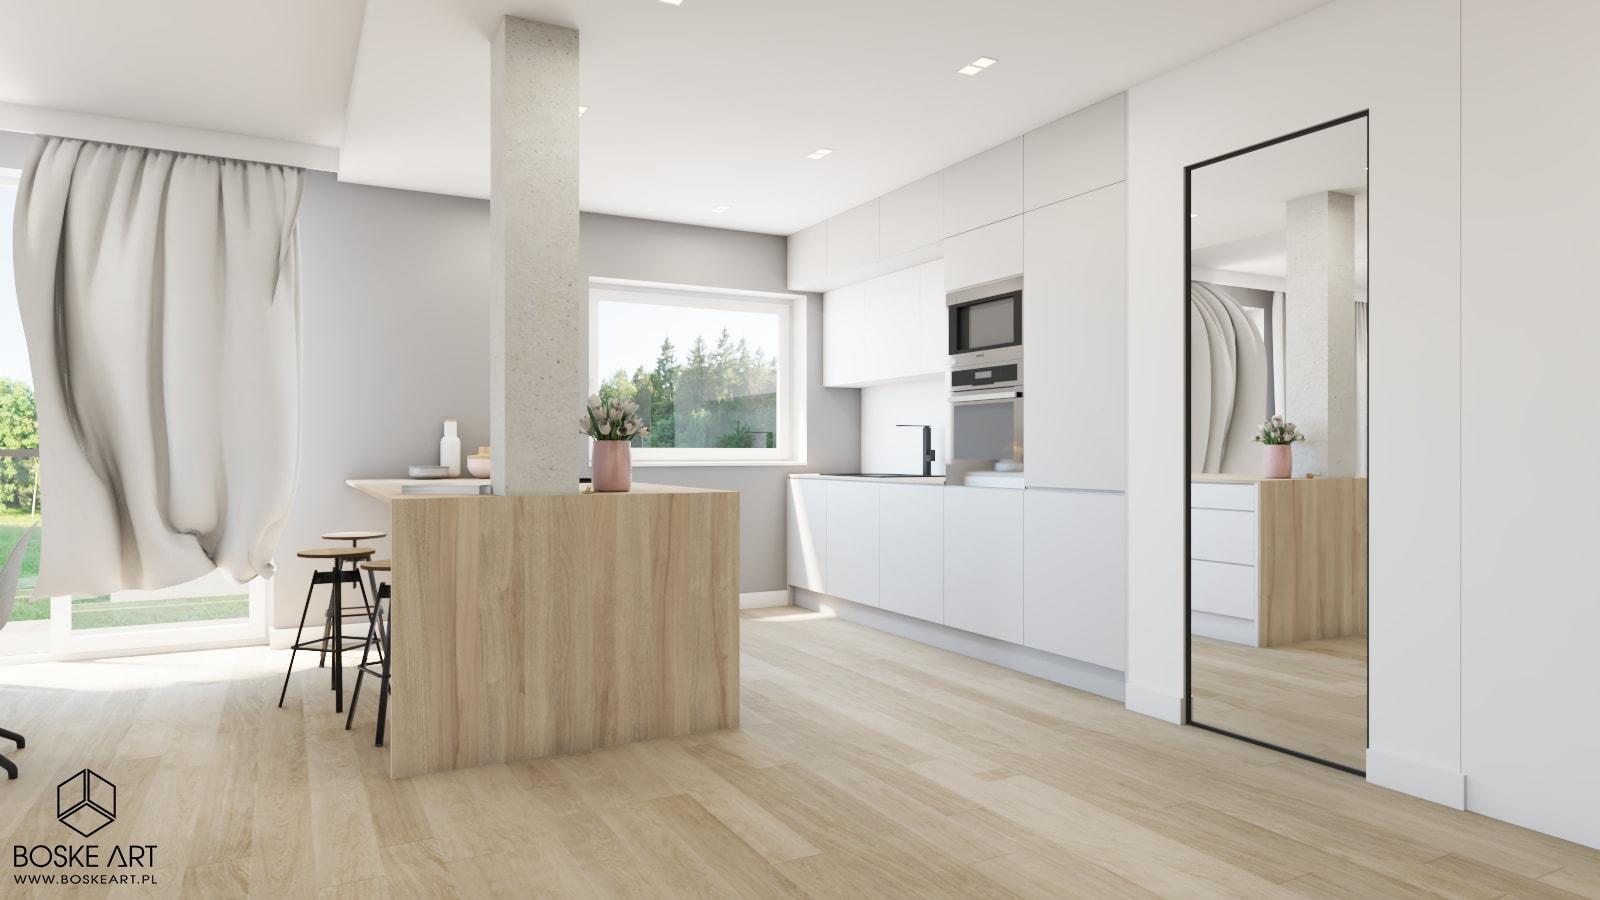 4_mieszkanie_jarocin_boske_art_projektowanie_wnetrz_architektura_natalia_robaszkiewicz-min